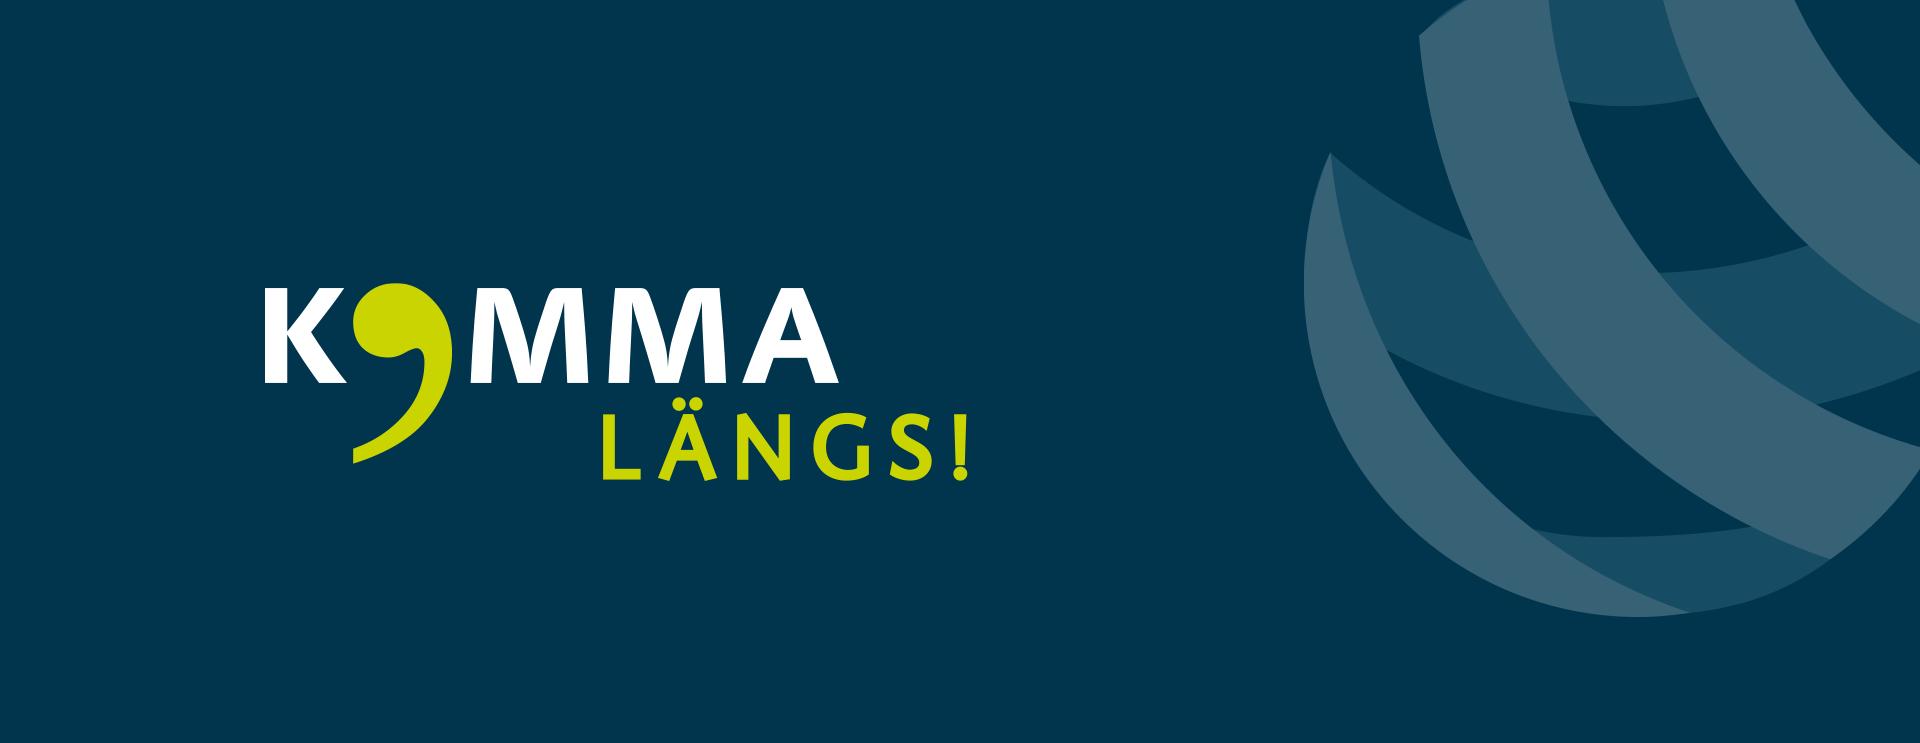 """Schriftzug """"Komma längs!"""""""